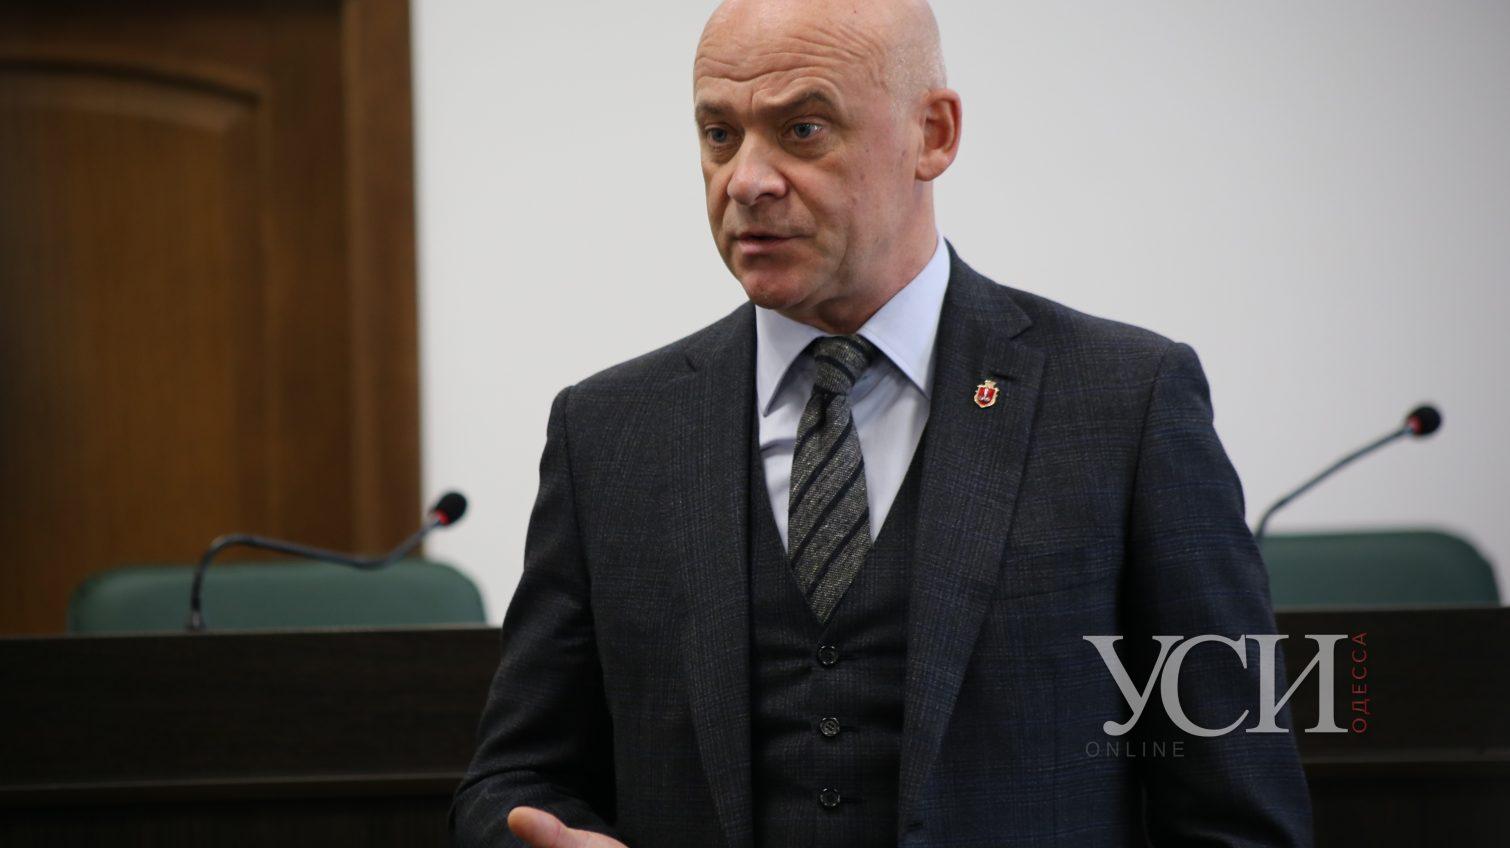 Труханов недоволен, что границы Одессы не расширили, и обвиняет во всем Кабмин «фото»